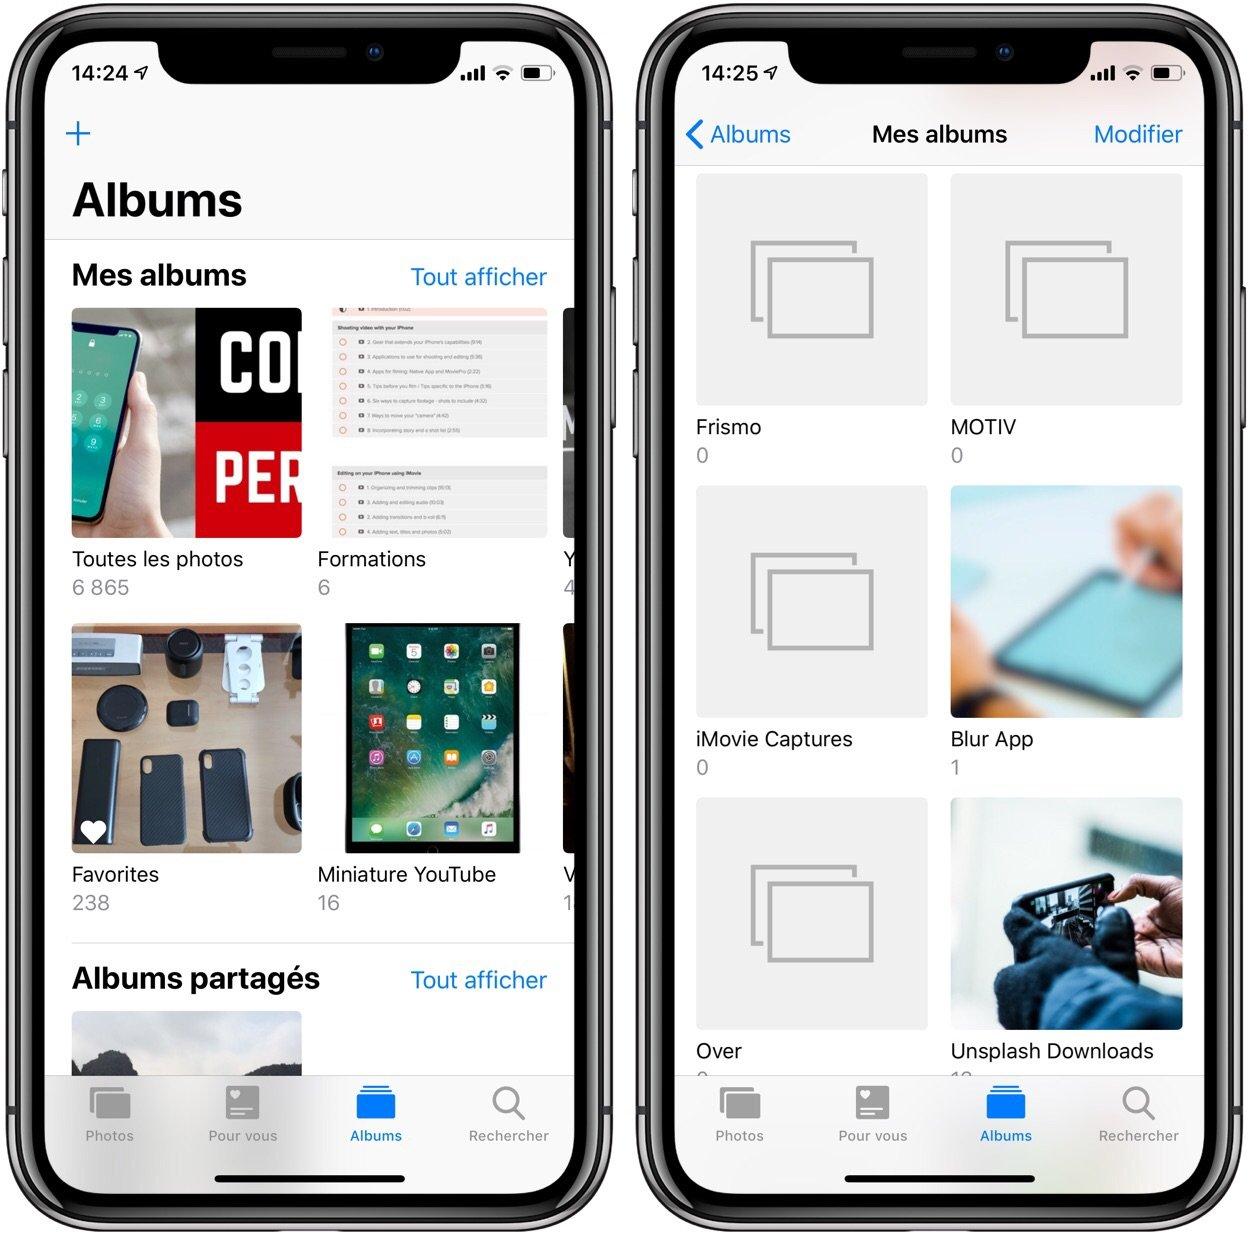 Des albums photos impossibles à supprimer sur iPhone ou iPad ? Tout ce qu'il faut savoir sur le sujet 1